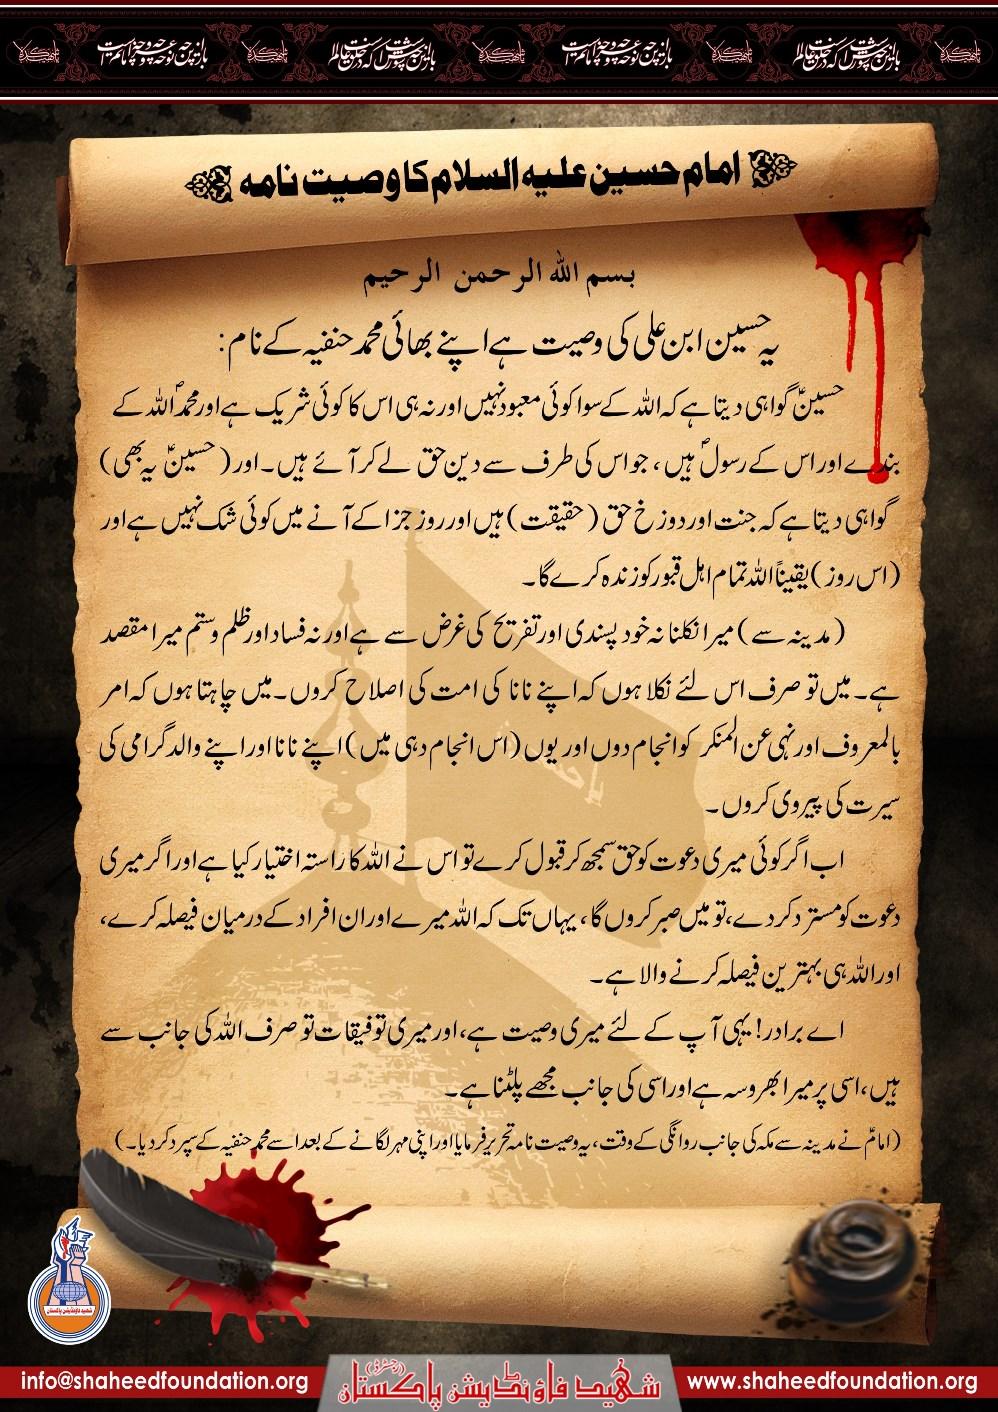 10th Muharram: Wasiyat-nama Imam Hussain (a.s.)